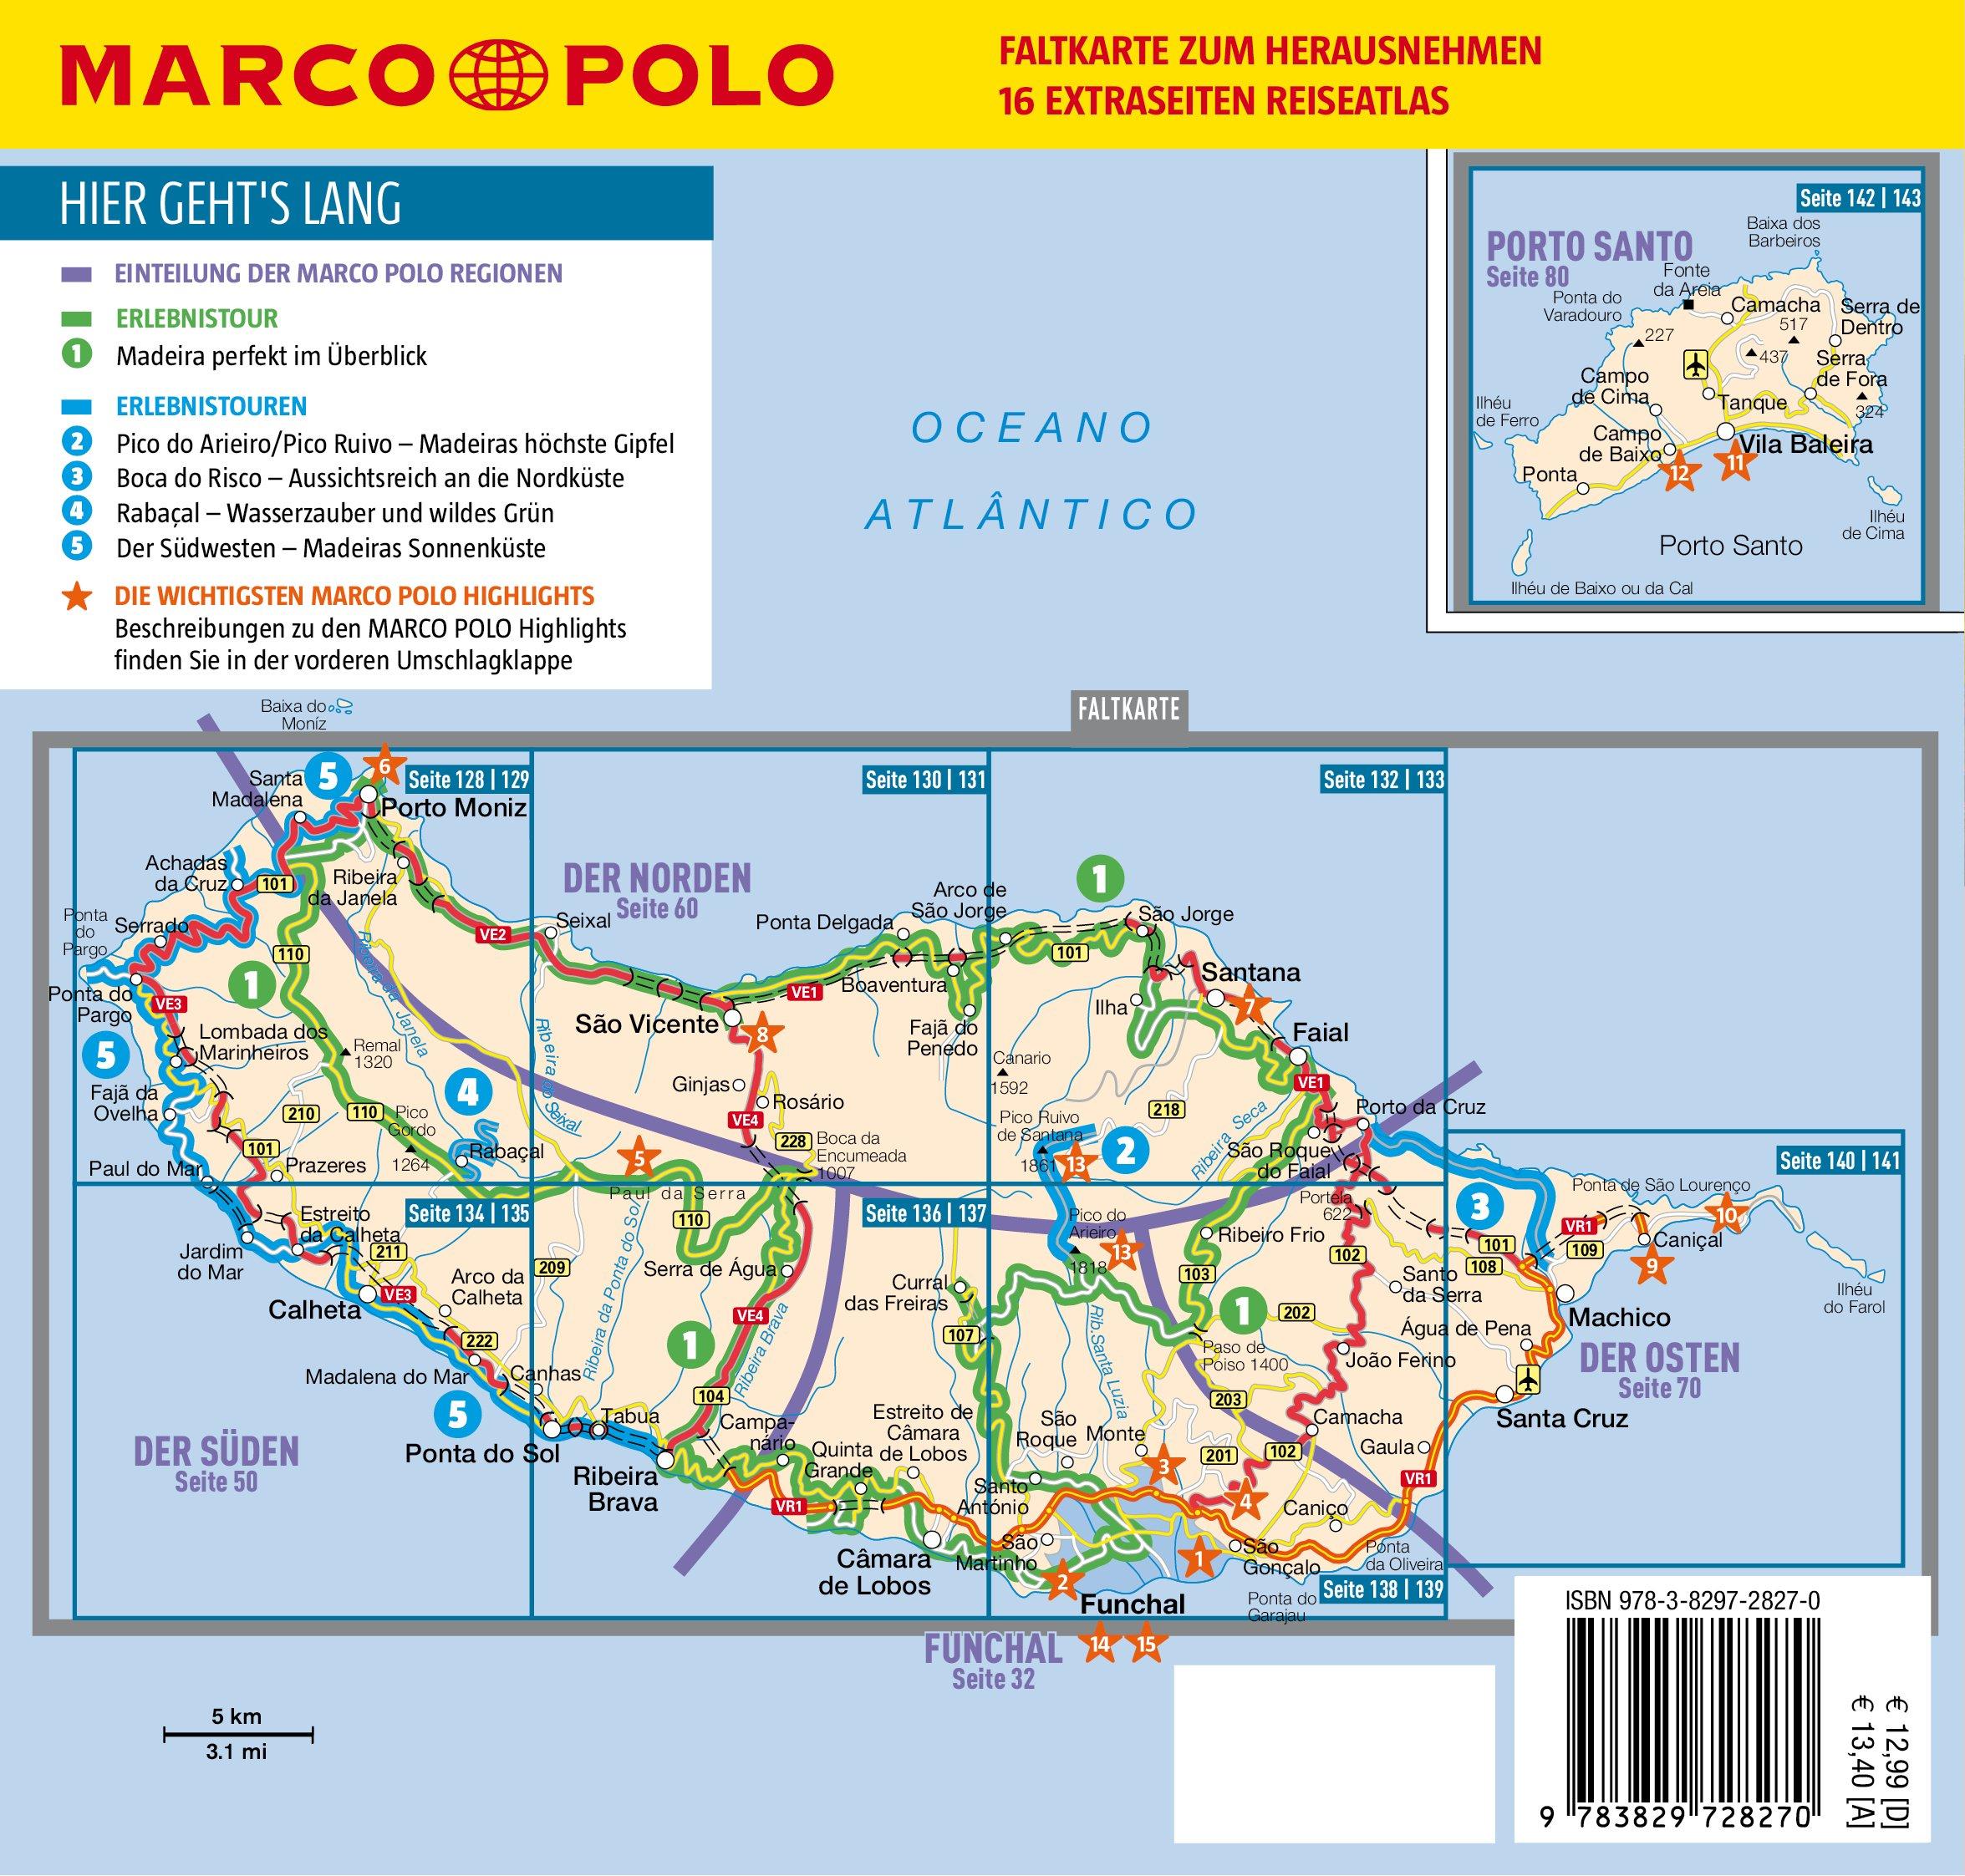 Die abenteuerliche reise marco polo ebook image marco polo reisefhrer madeira porto santo reisen mit